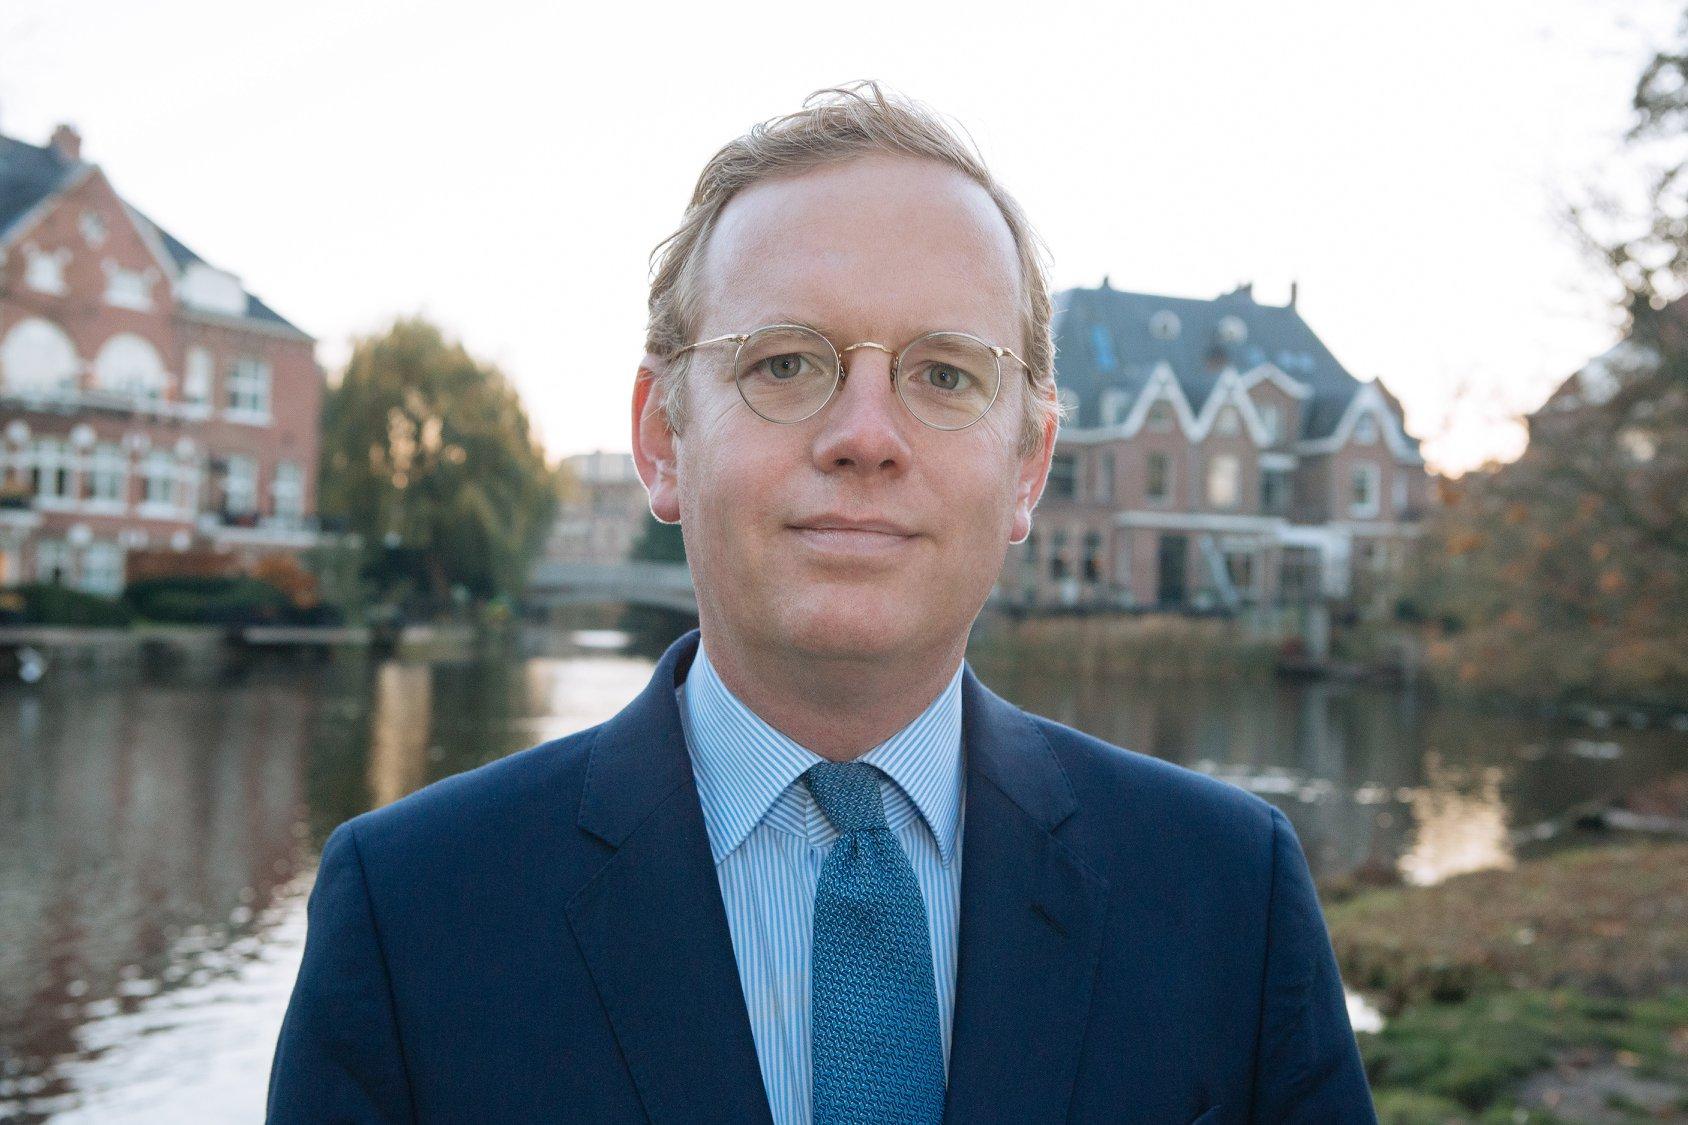 Corporate portrait - Amsterdam